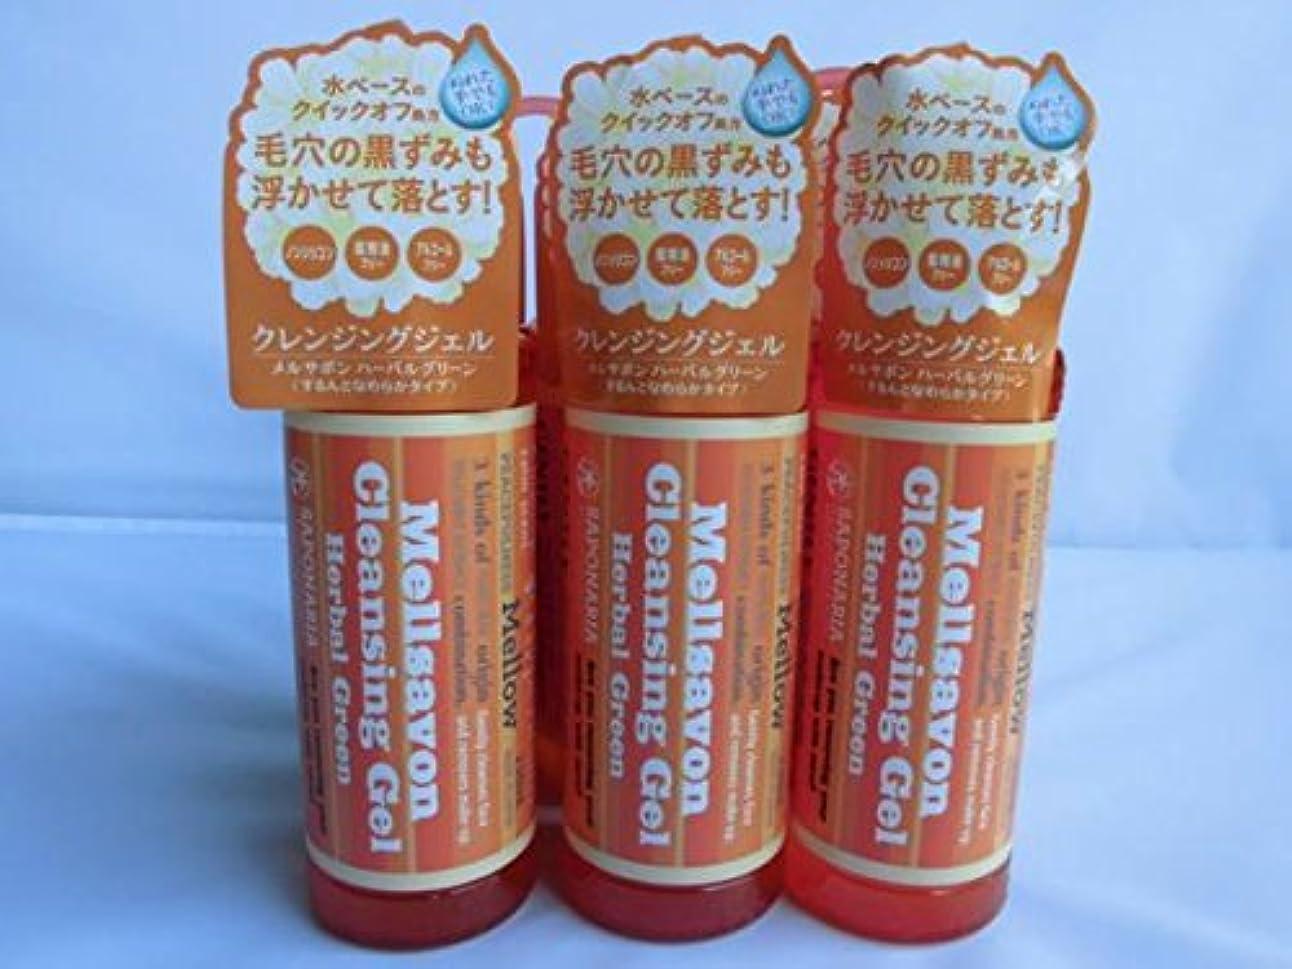 減衰バトル馬力【6個セット】 [メルサボン]クレンジングジェル(ハーバルグリーン)【6個セット】